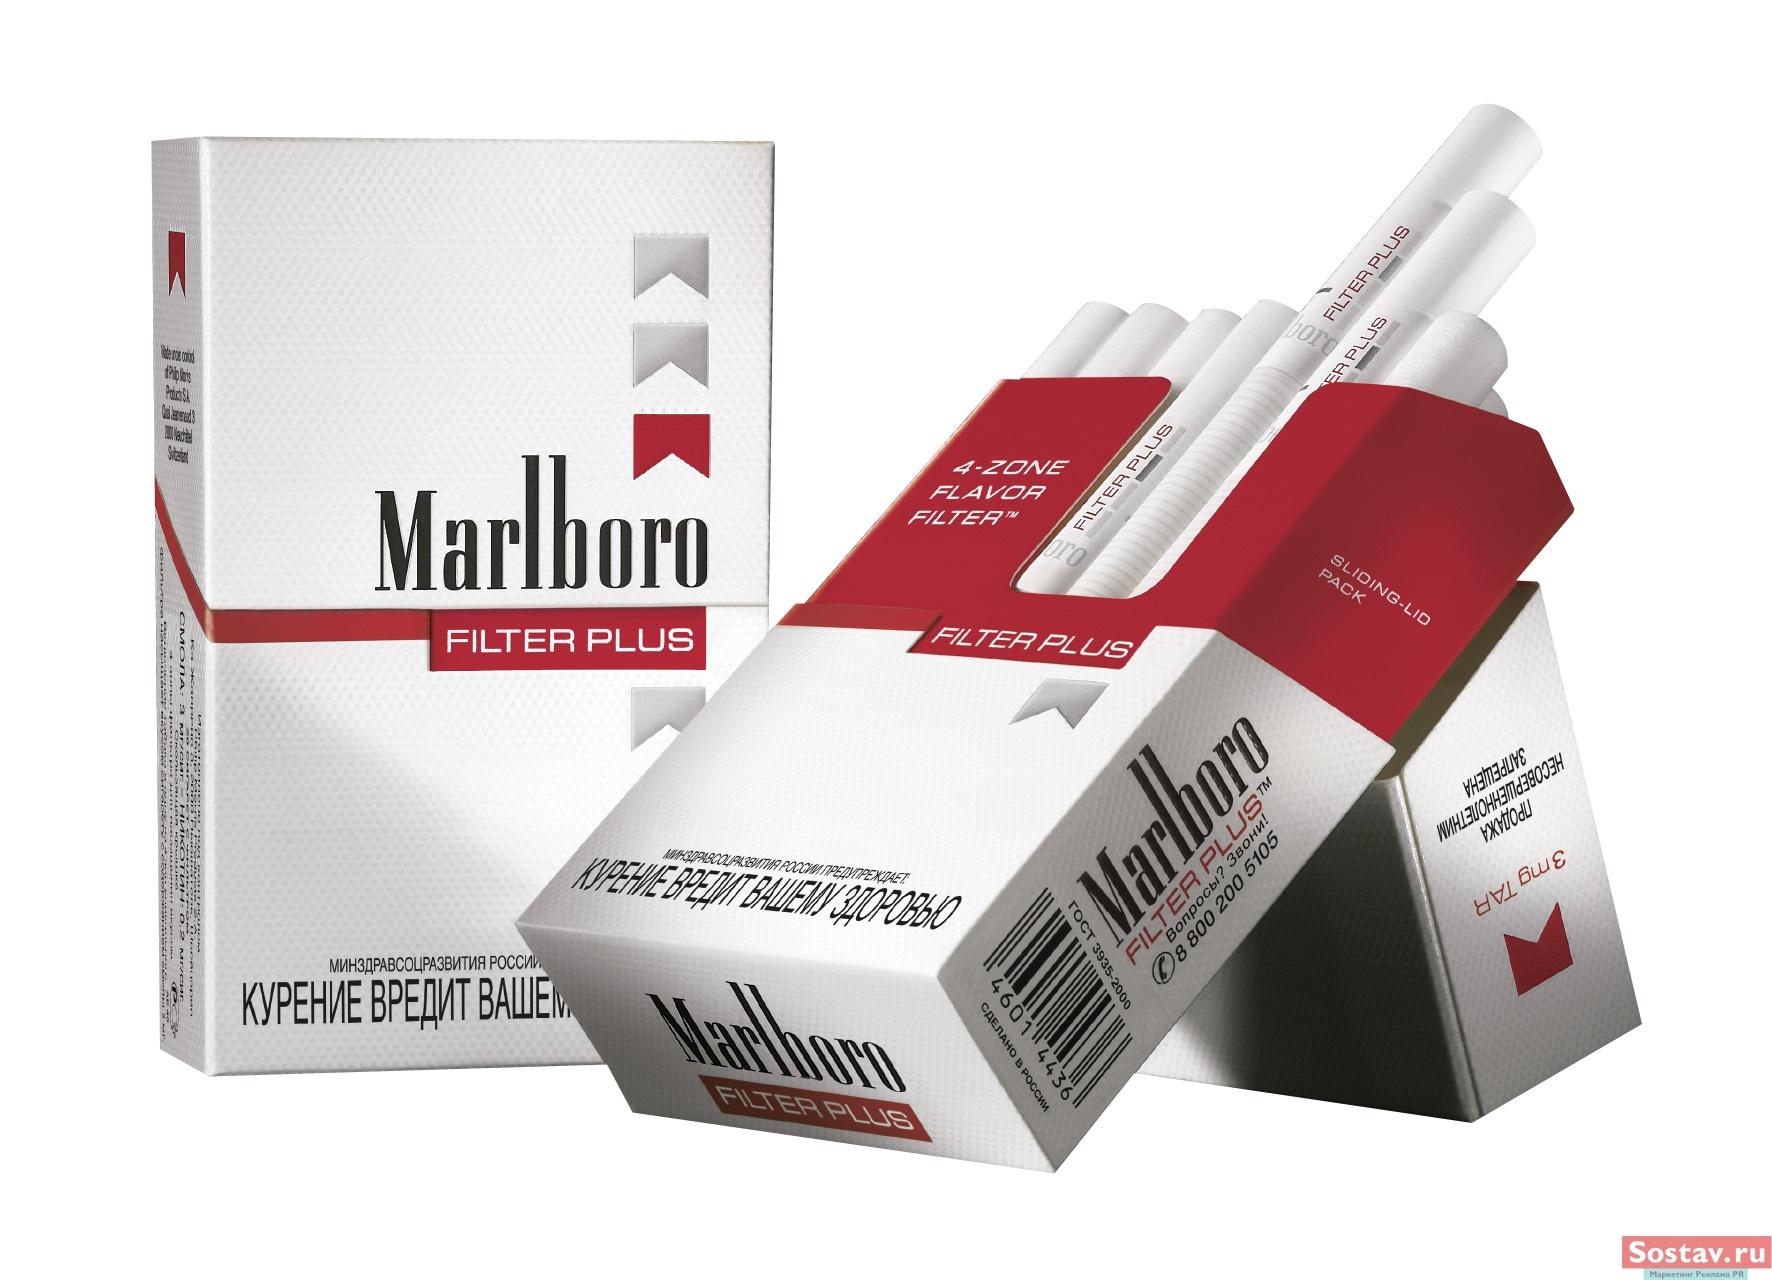 Филипп моррис ижора сигареты оптом купить сигареты в москве в розницу с доставкой